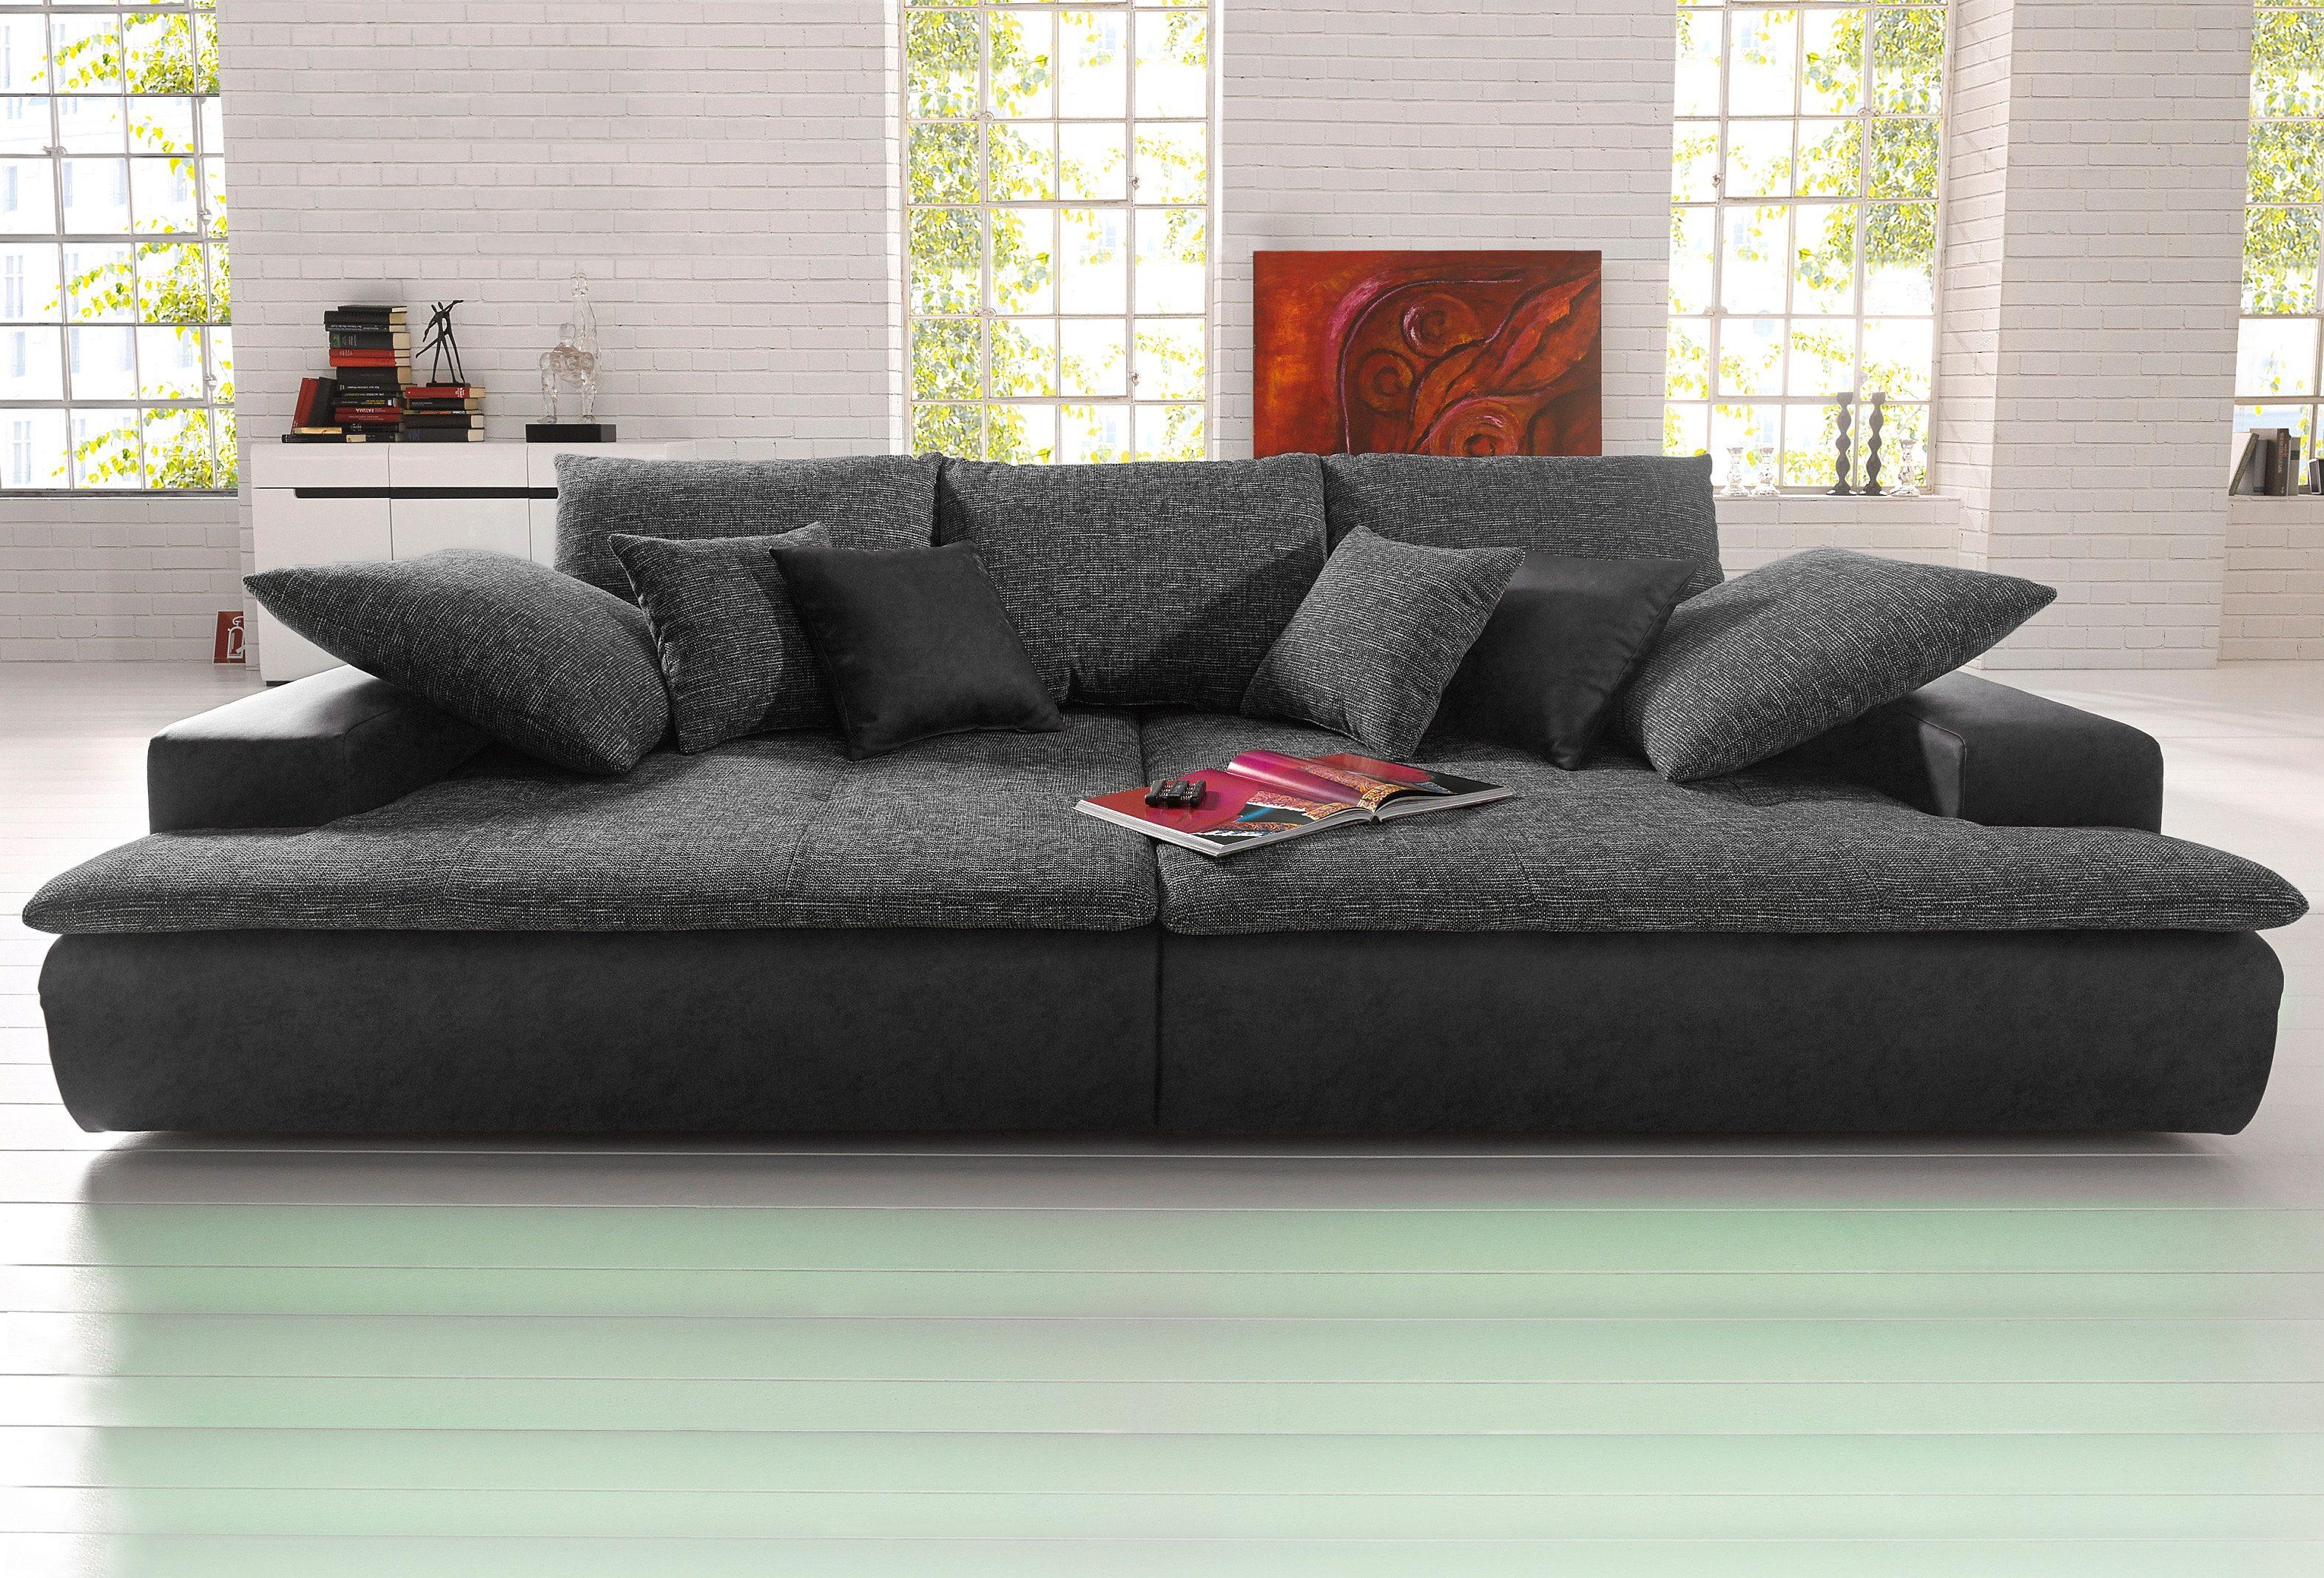 Nova Via Big-Sofa   Wohnzimmer > Sofas & Couches   Nova Via